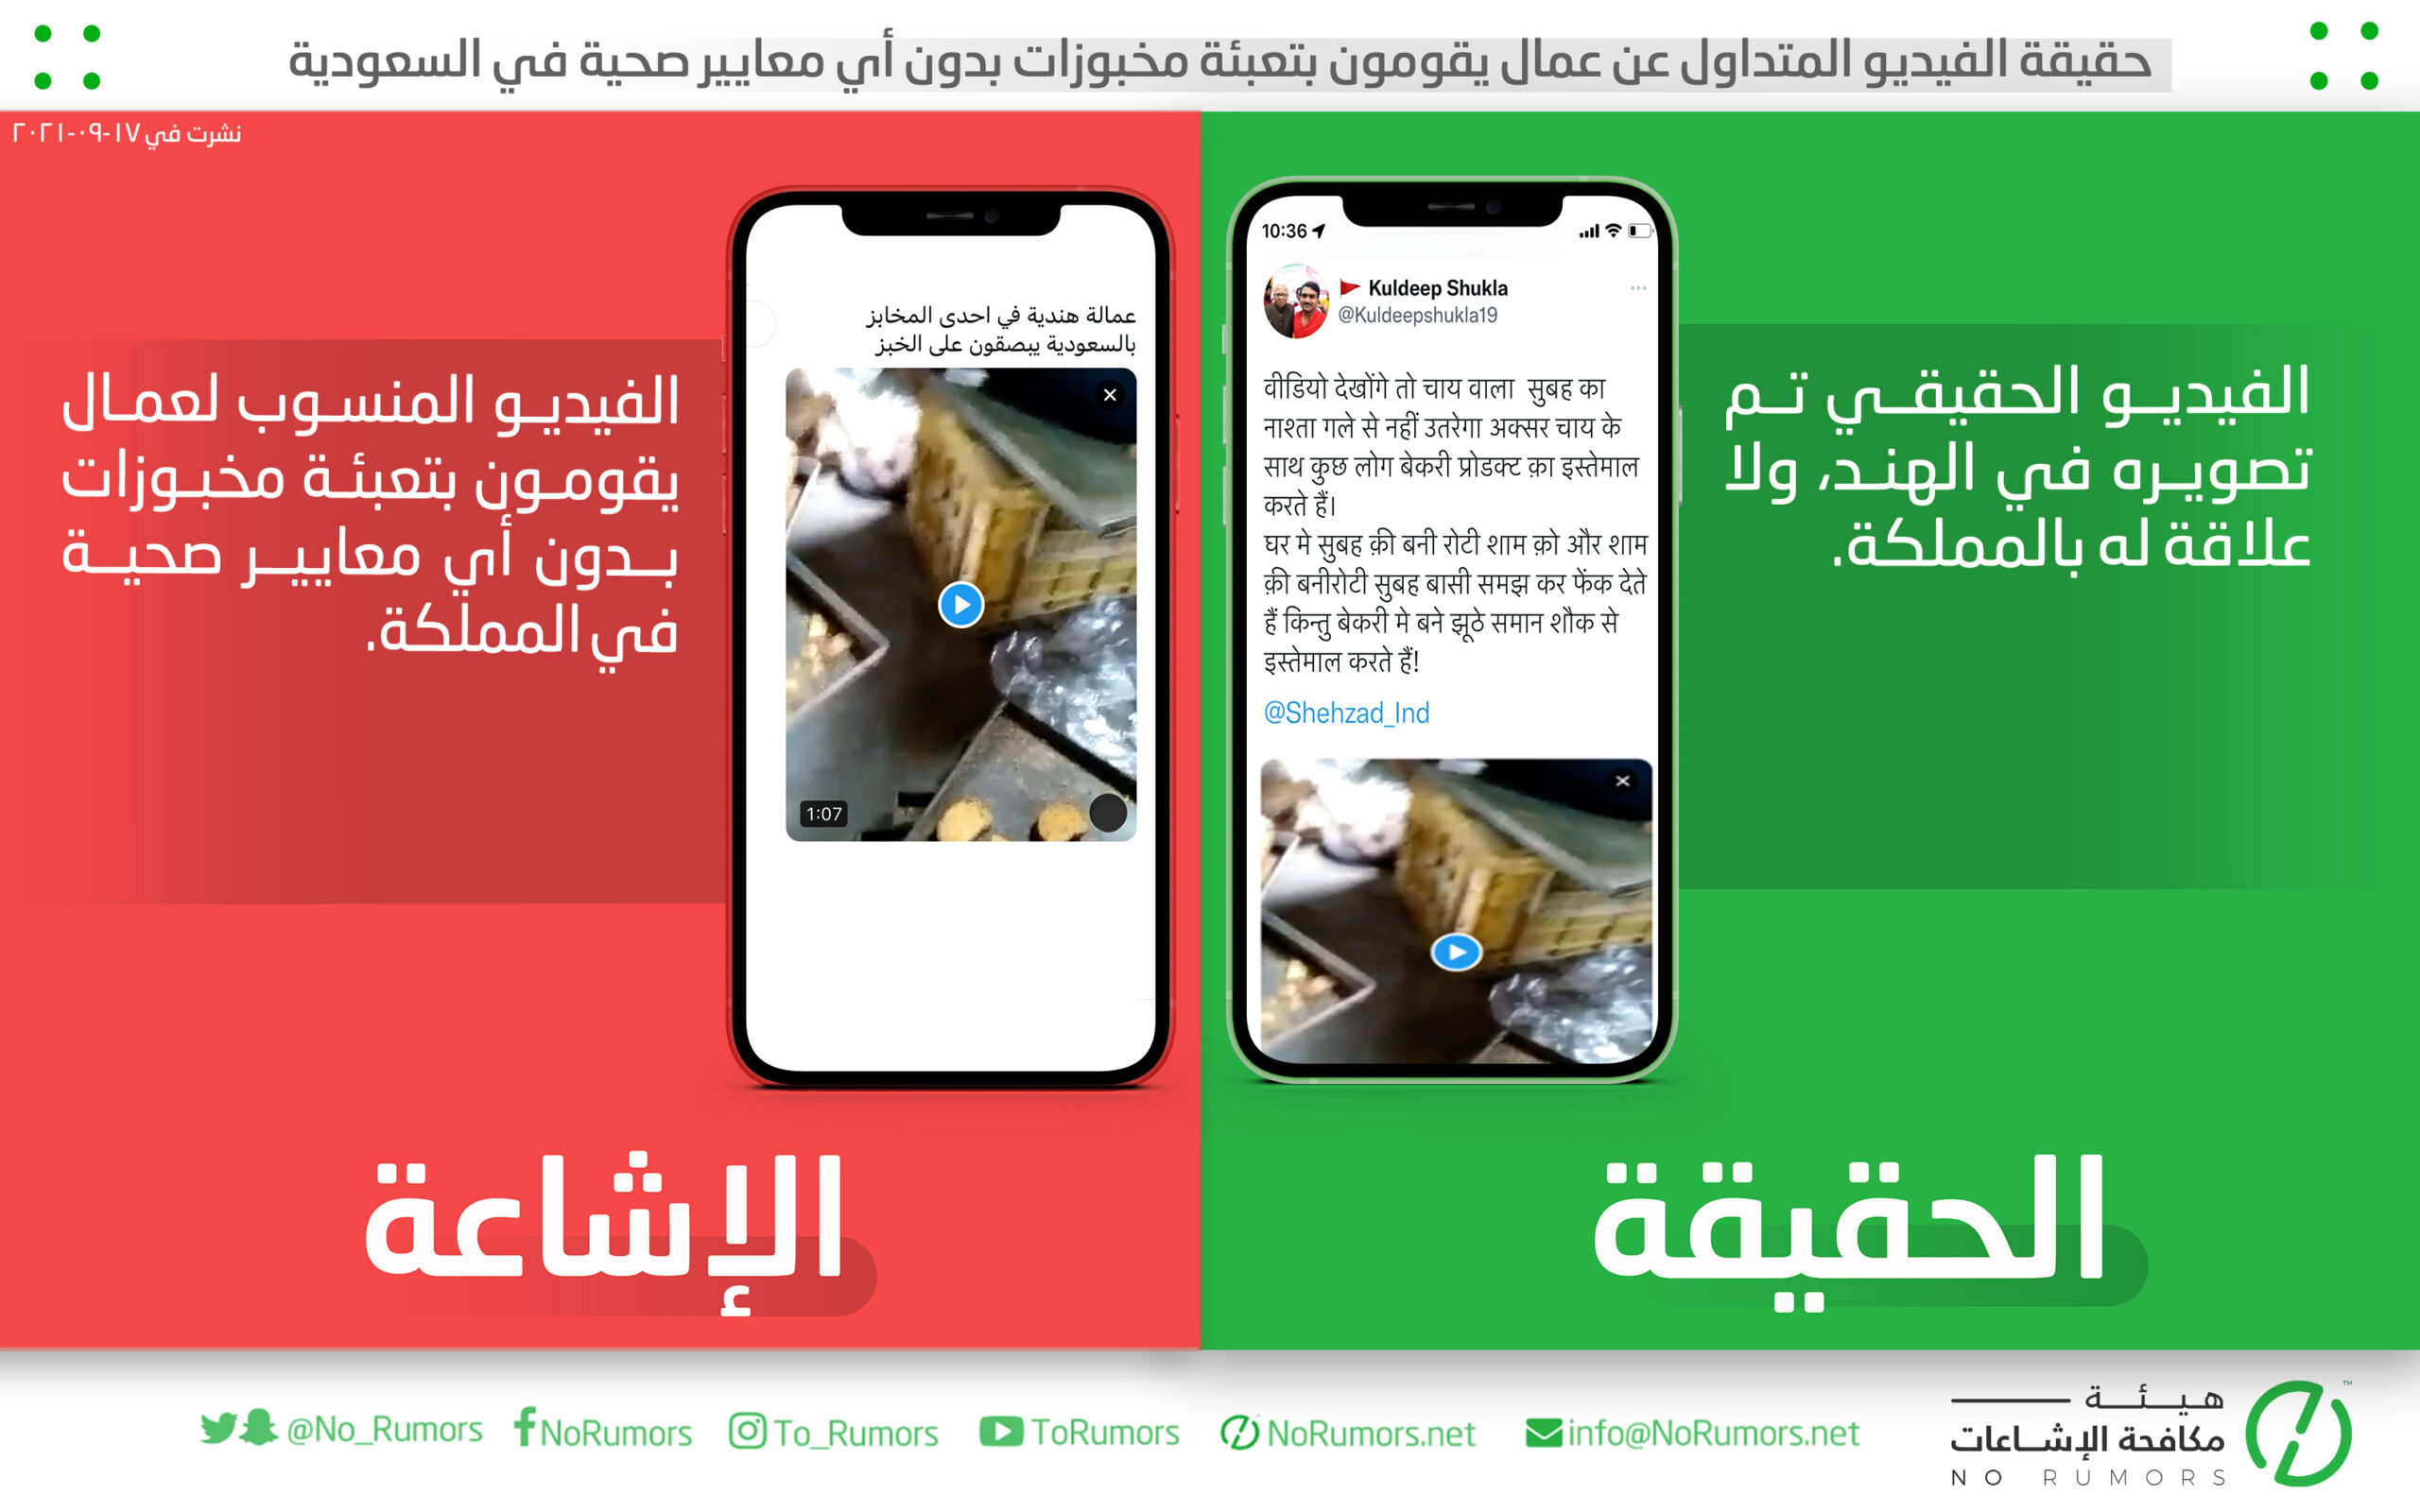 حقيقة الفيديو المتداول عن عمال يقومون بتعبئة مخبوزات بدون أي معايير صحية في السعودية